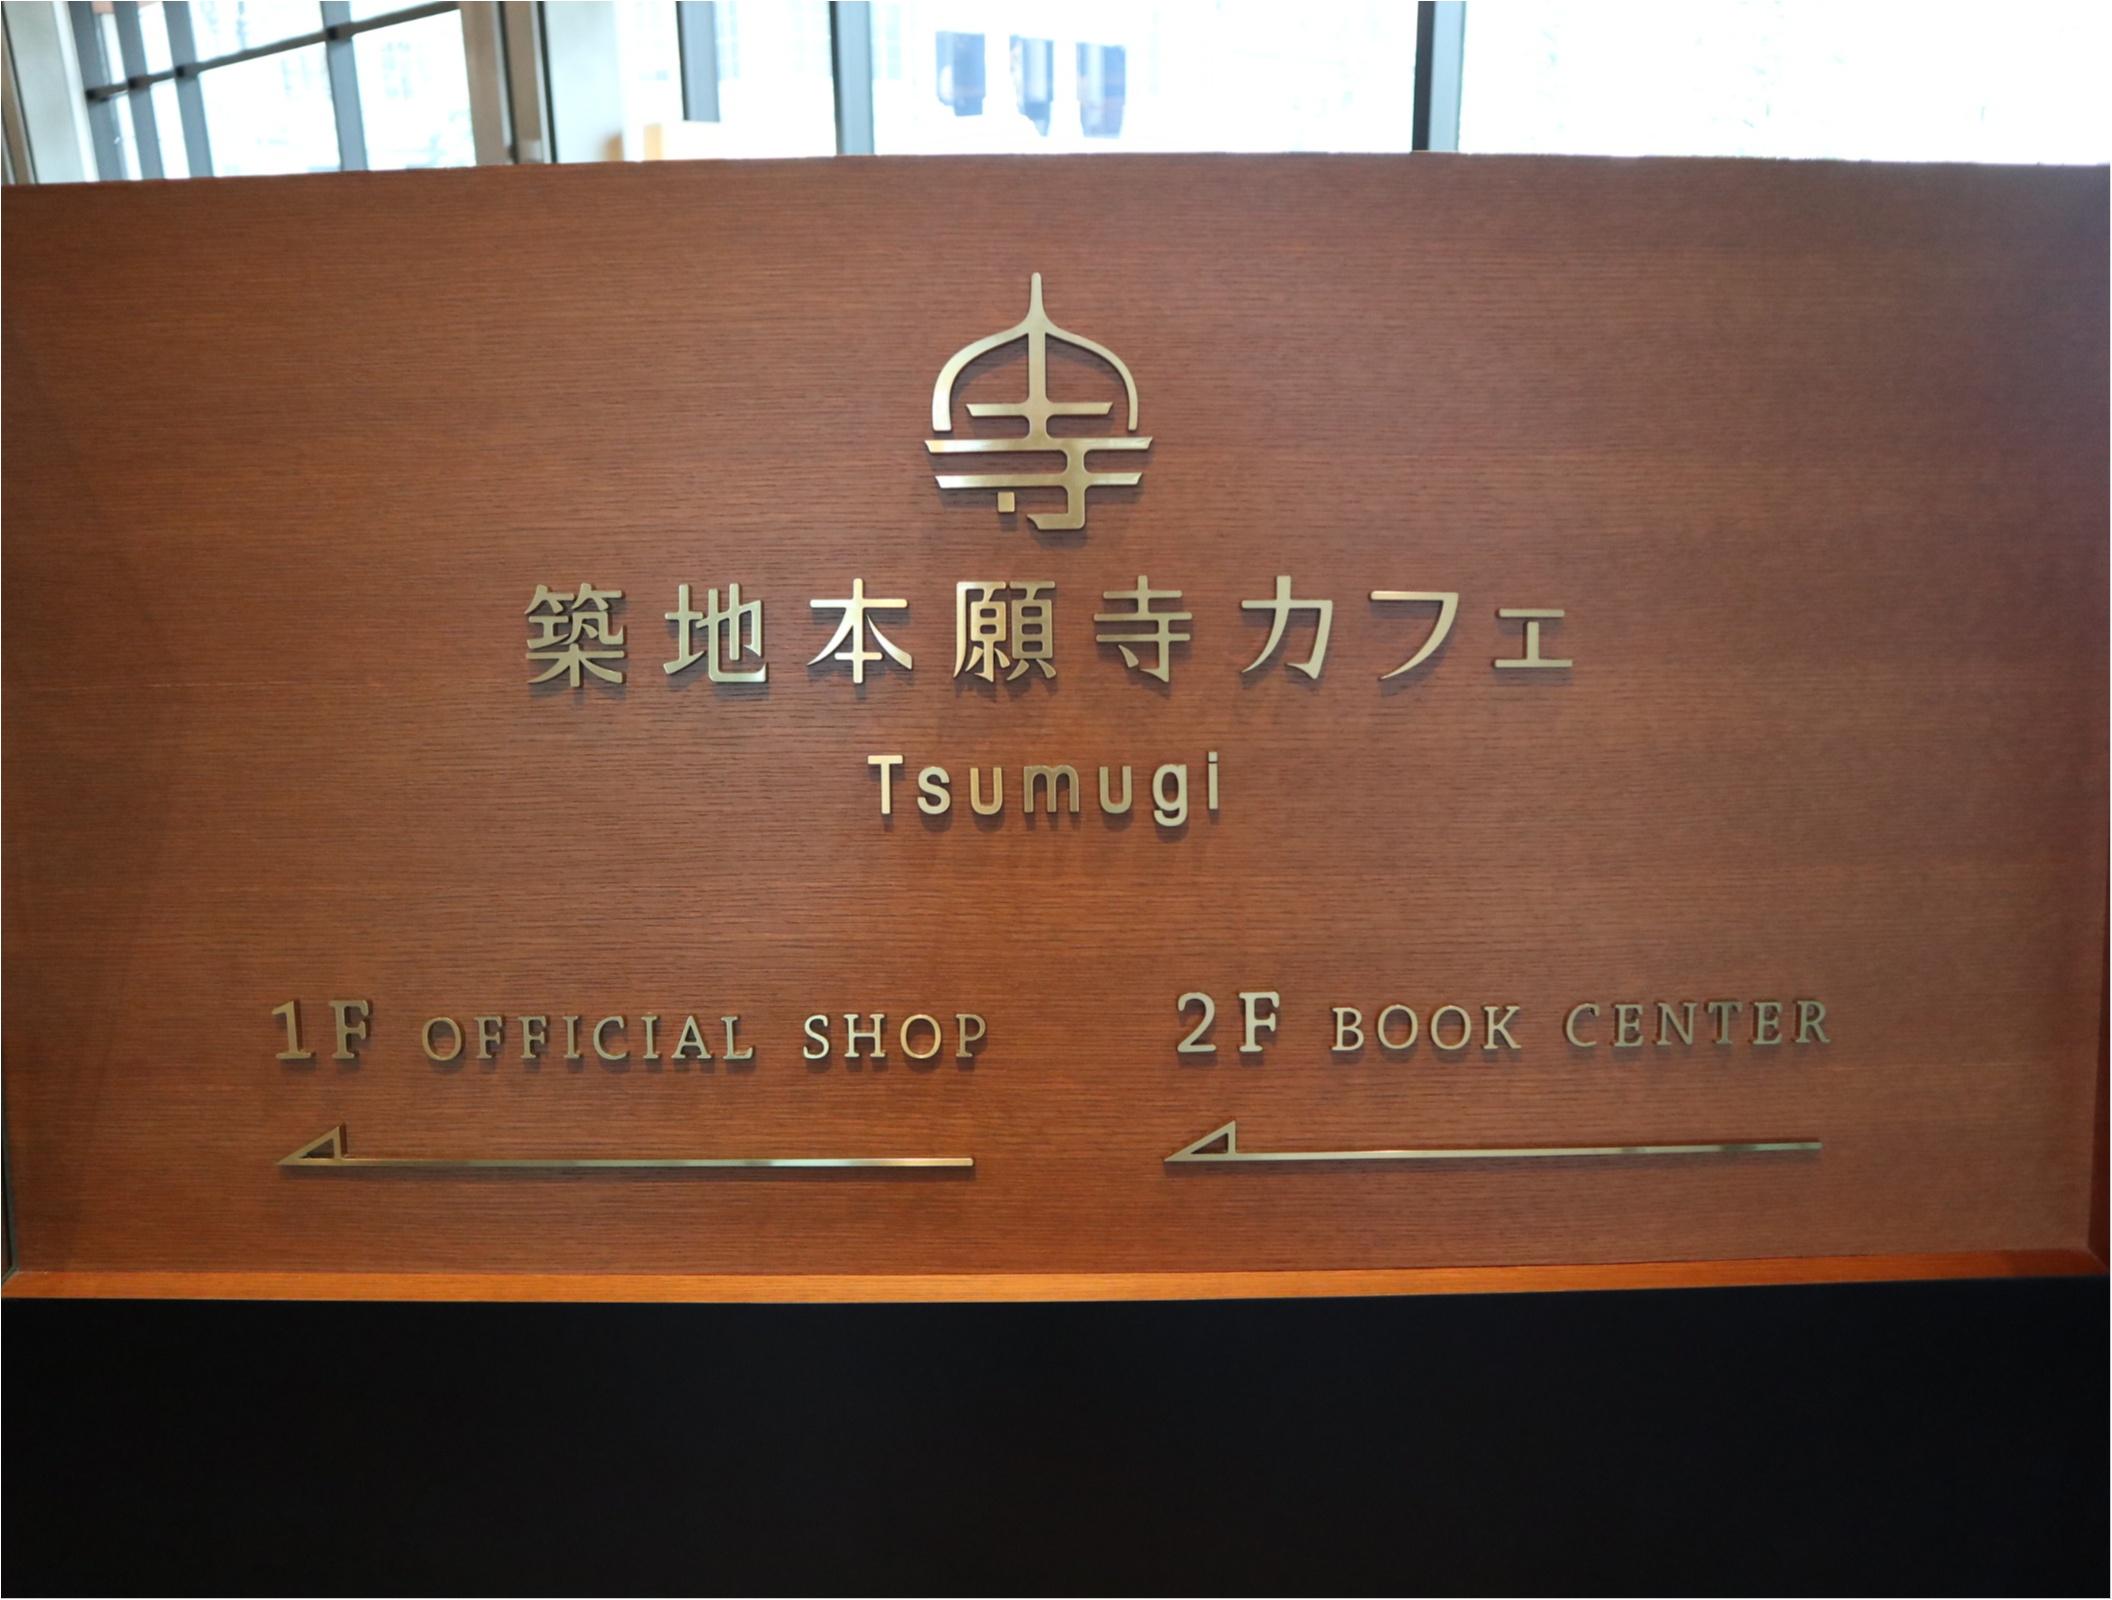 1日のスタートに!《築地本願寺カフェTsumugi》でいただく18品目の朝ごはん♡_1